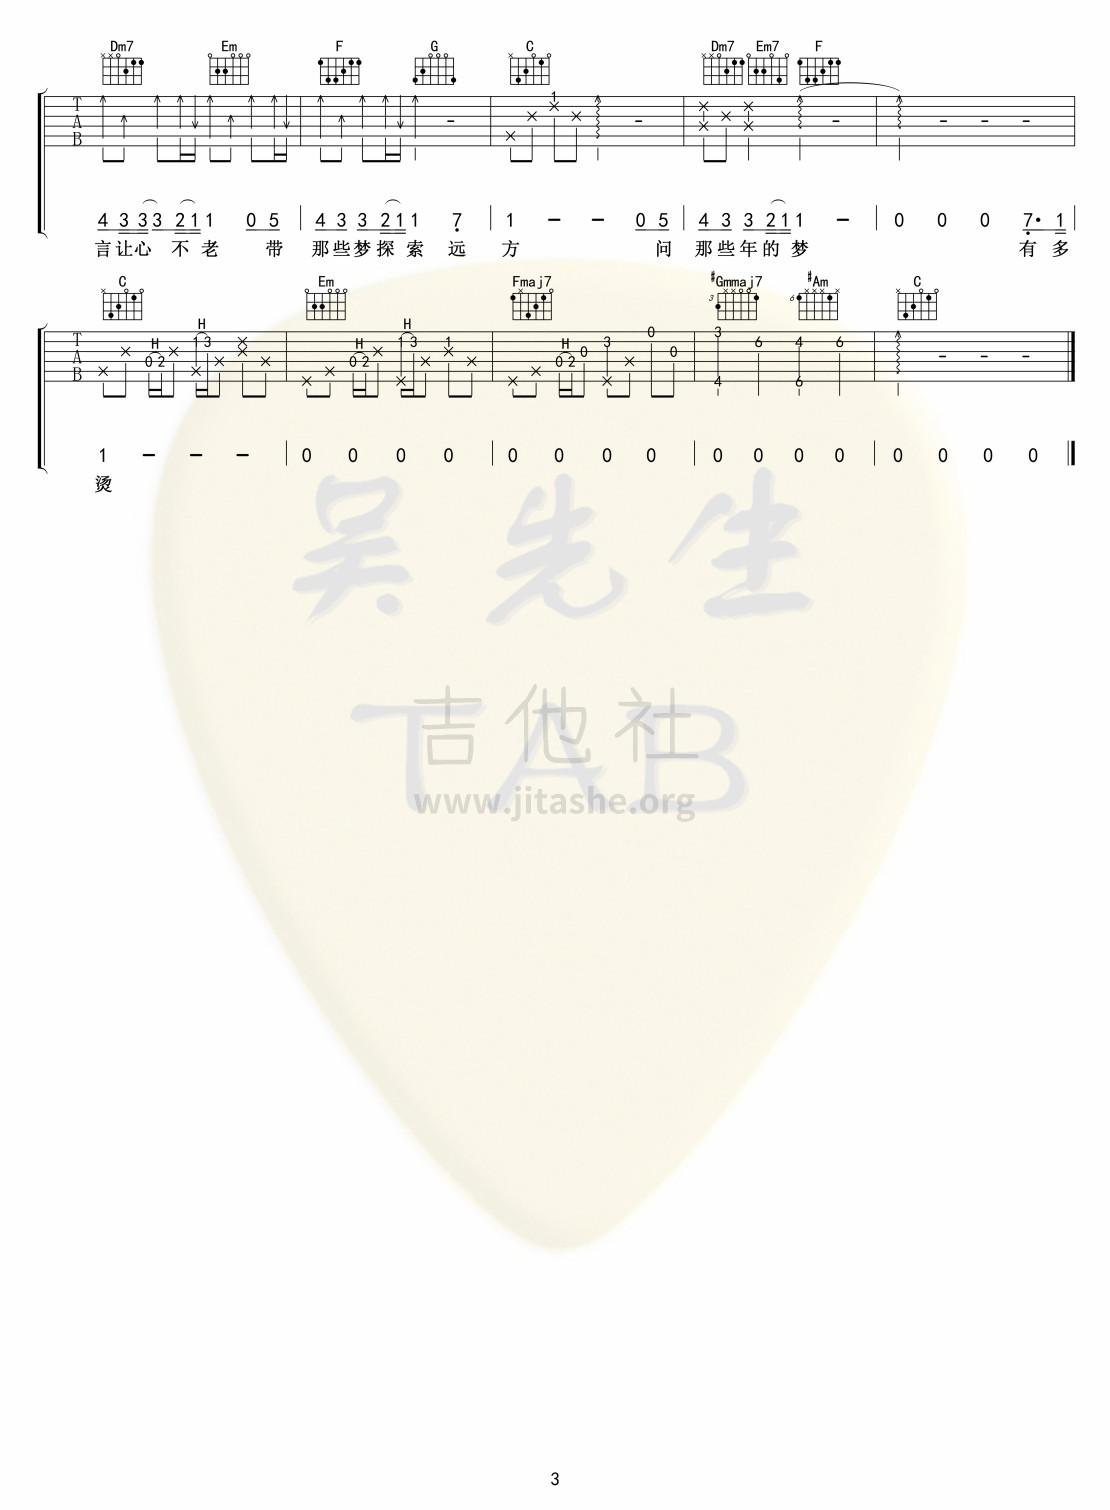 裹着心的光吉他谱(图片谱,弹唱)_林俊杰(JJ)_裹着心的光03.jpg